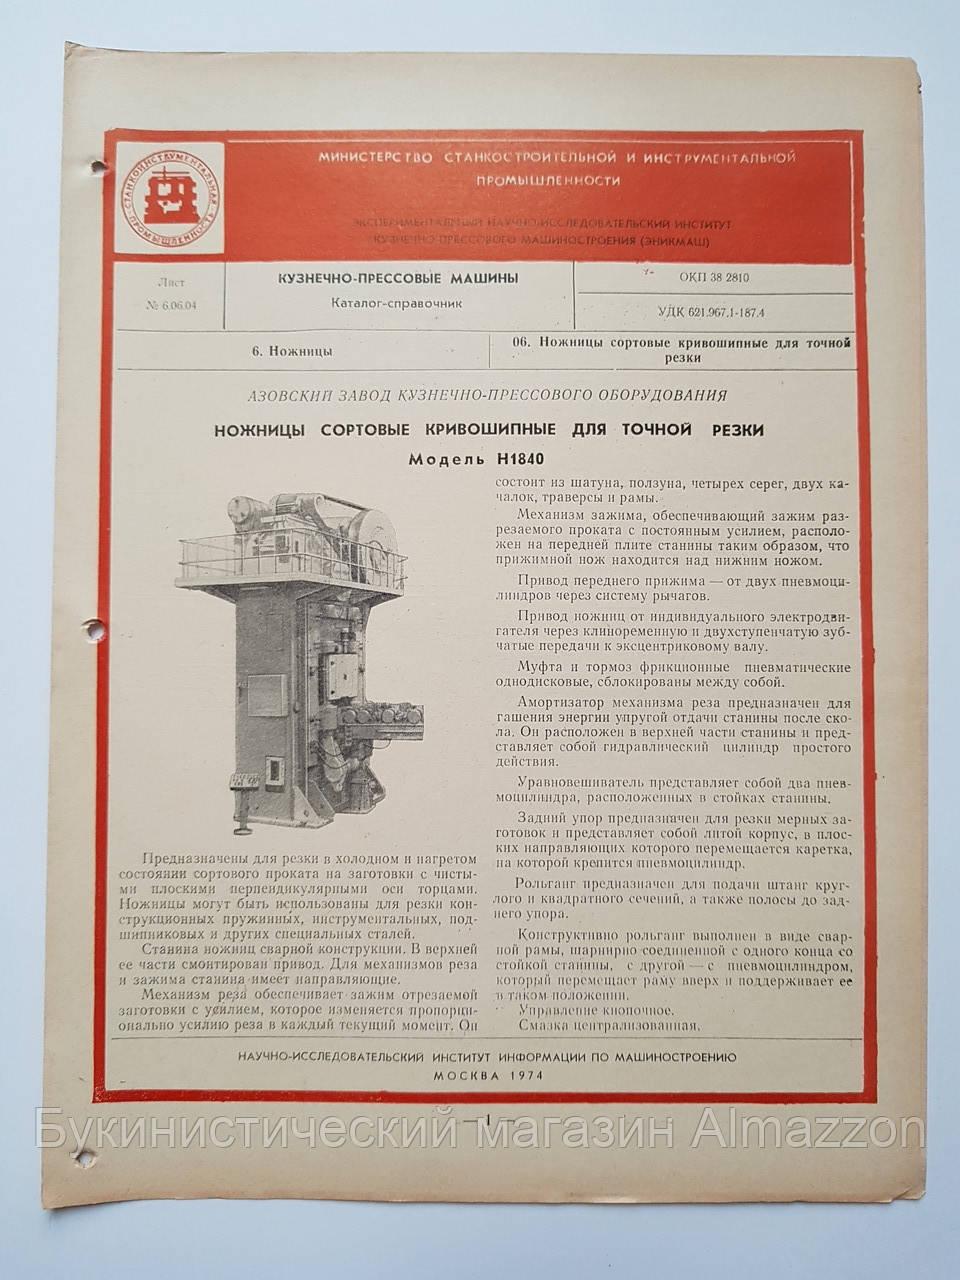 Журнал (Бюллетень) Ножницы сортовые кривошипные для точной резки Н1840  6.06.04